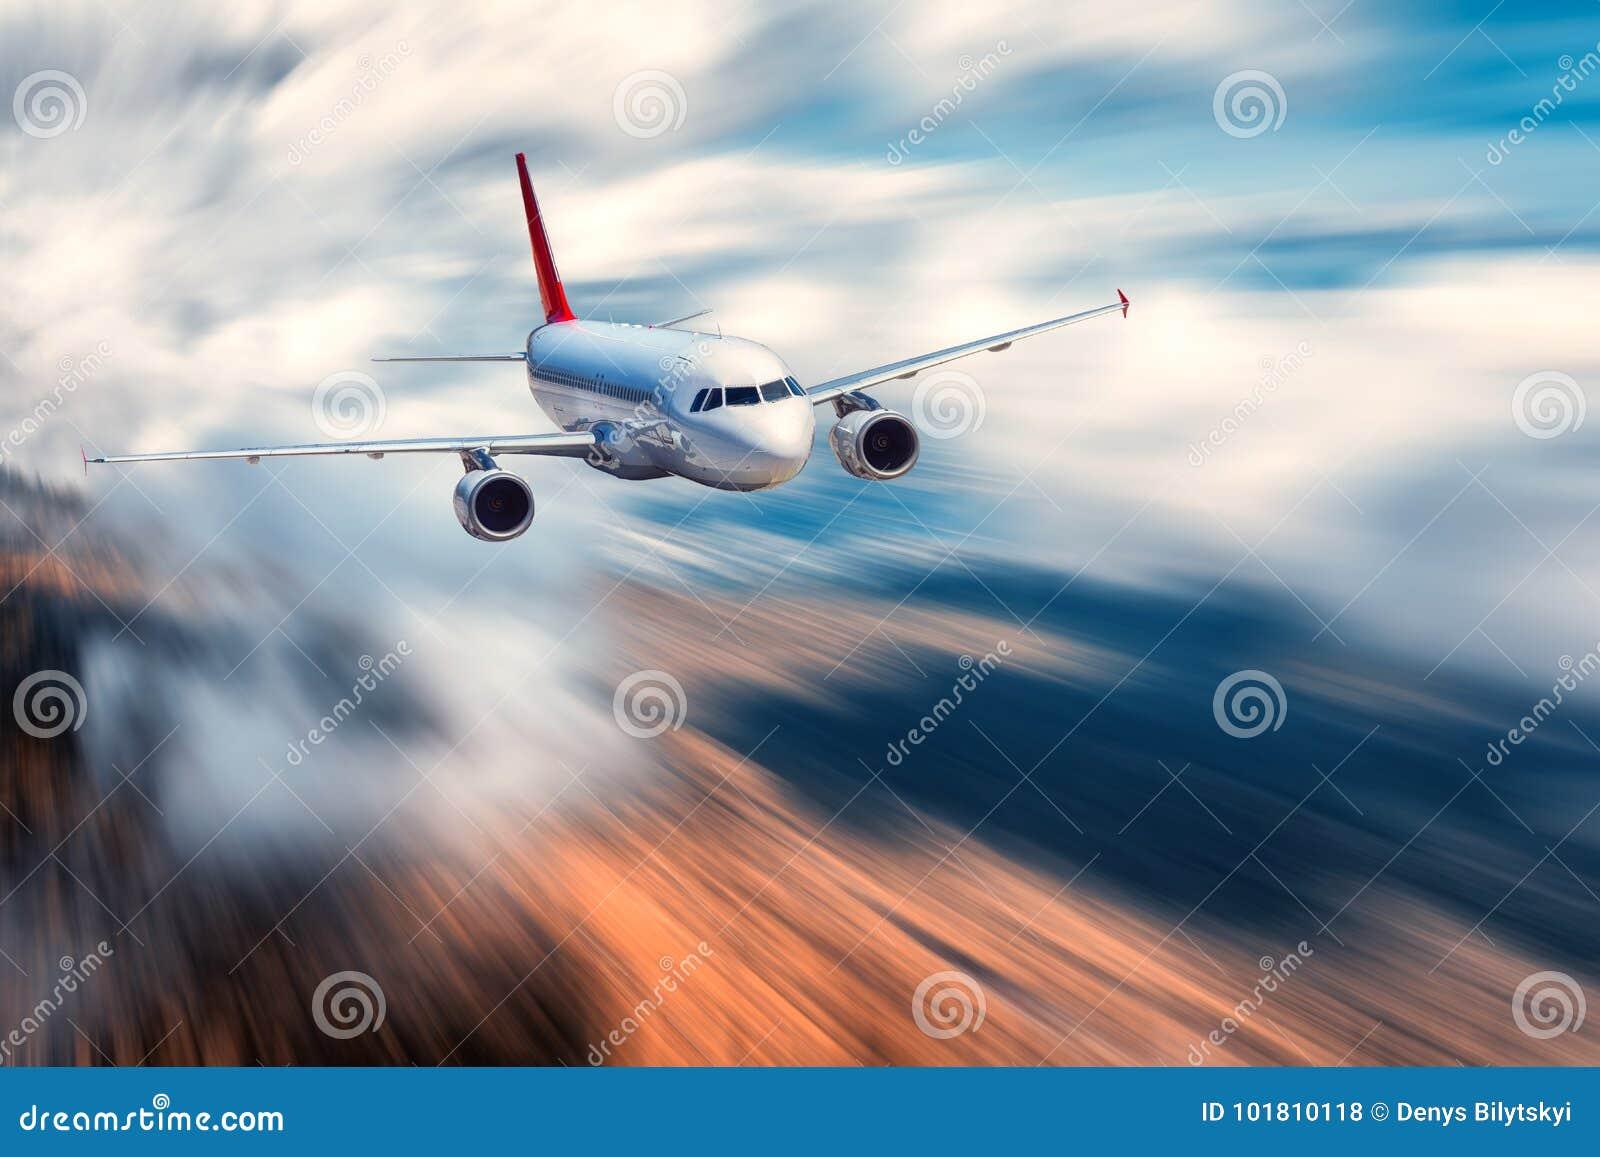 Aeroplano del pasajero del vuelo y fondo borroso